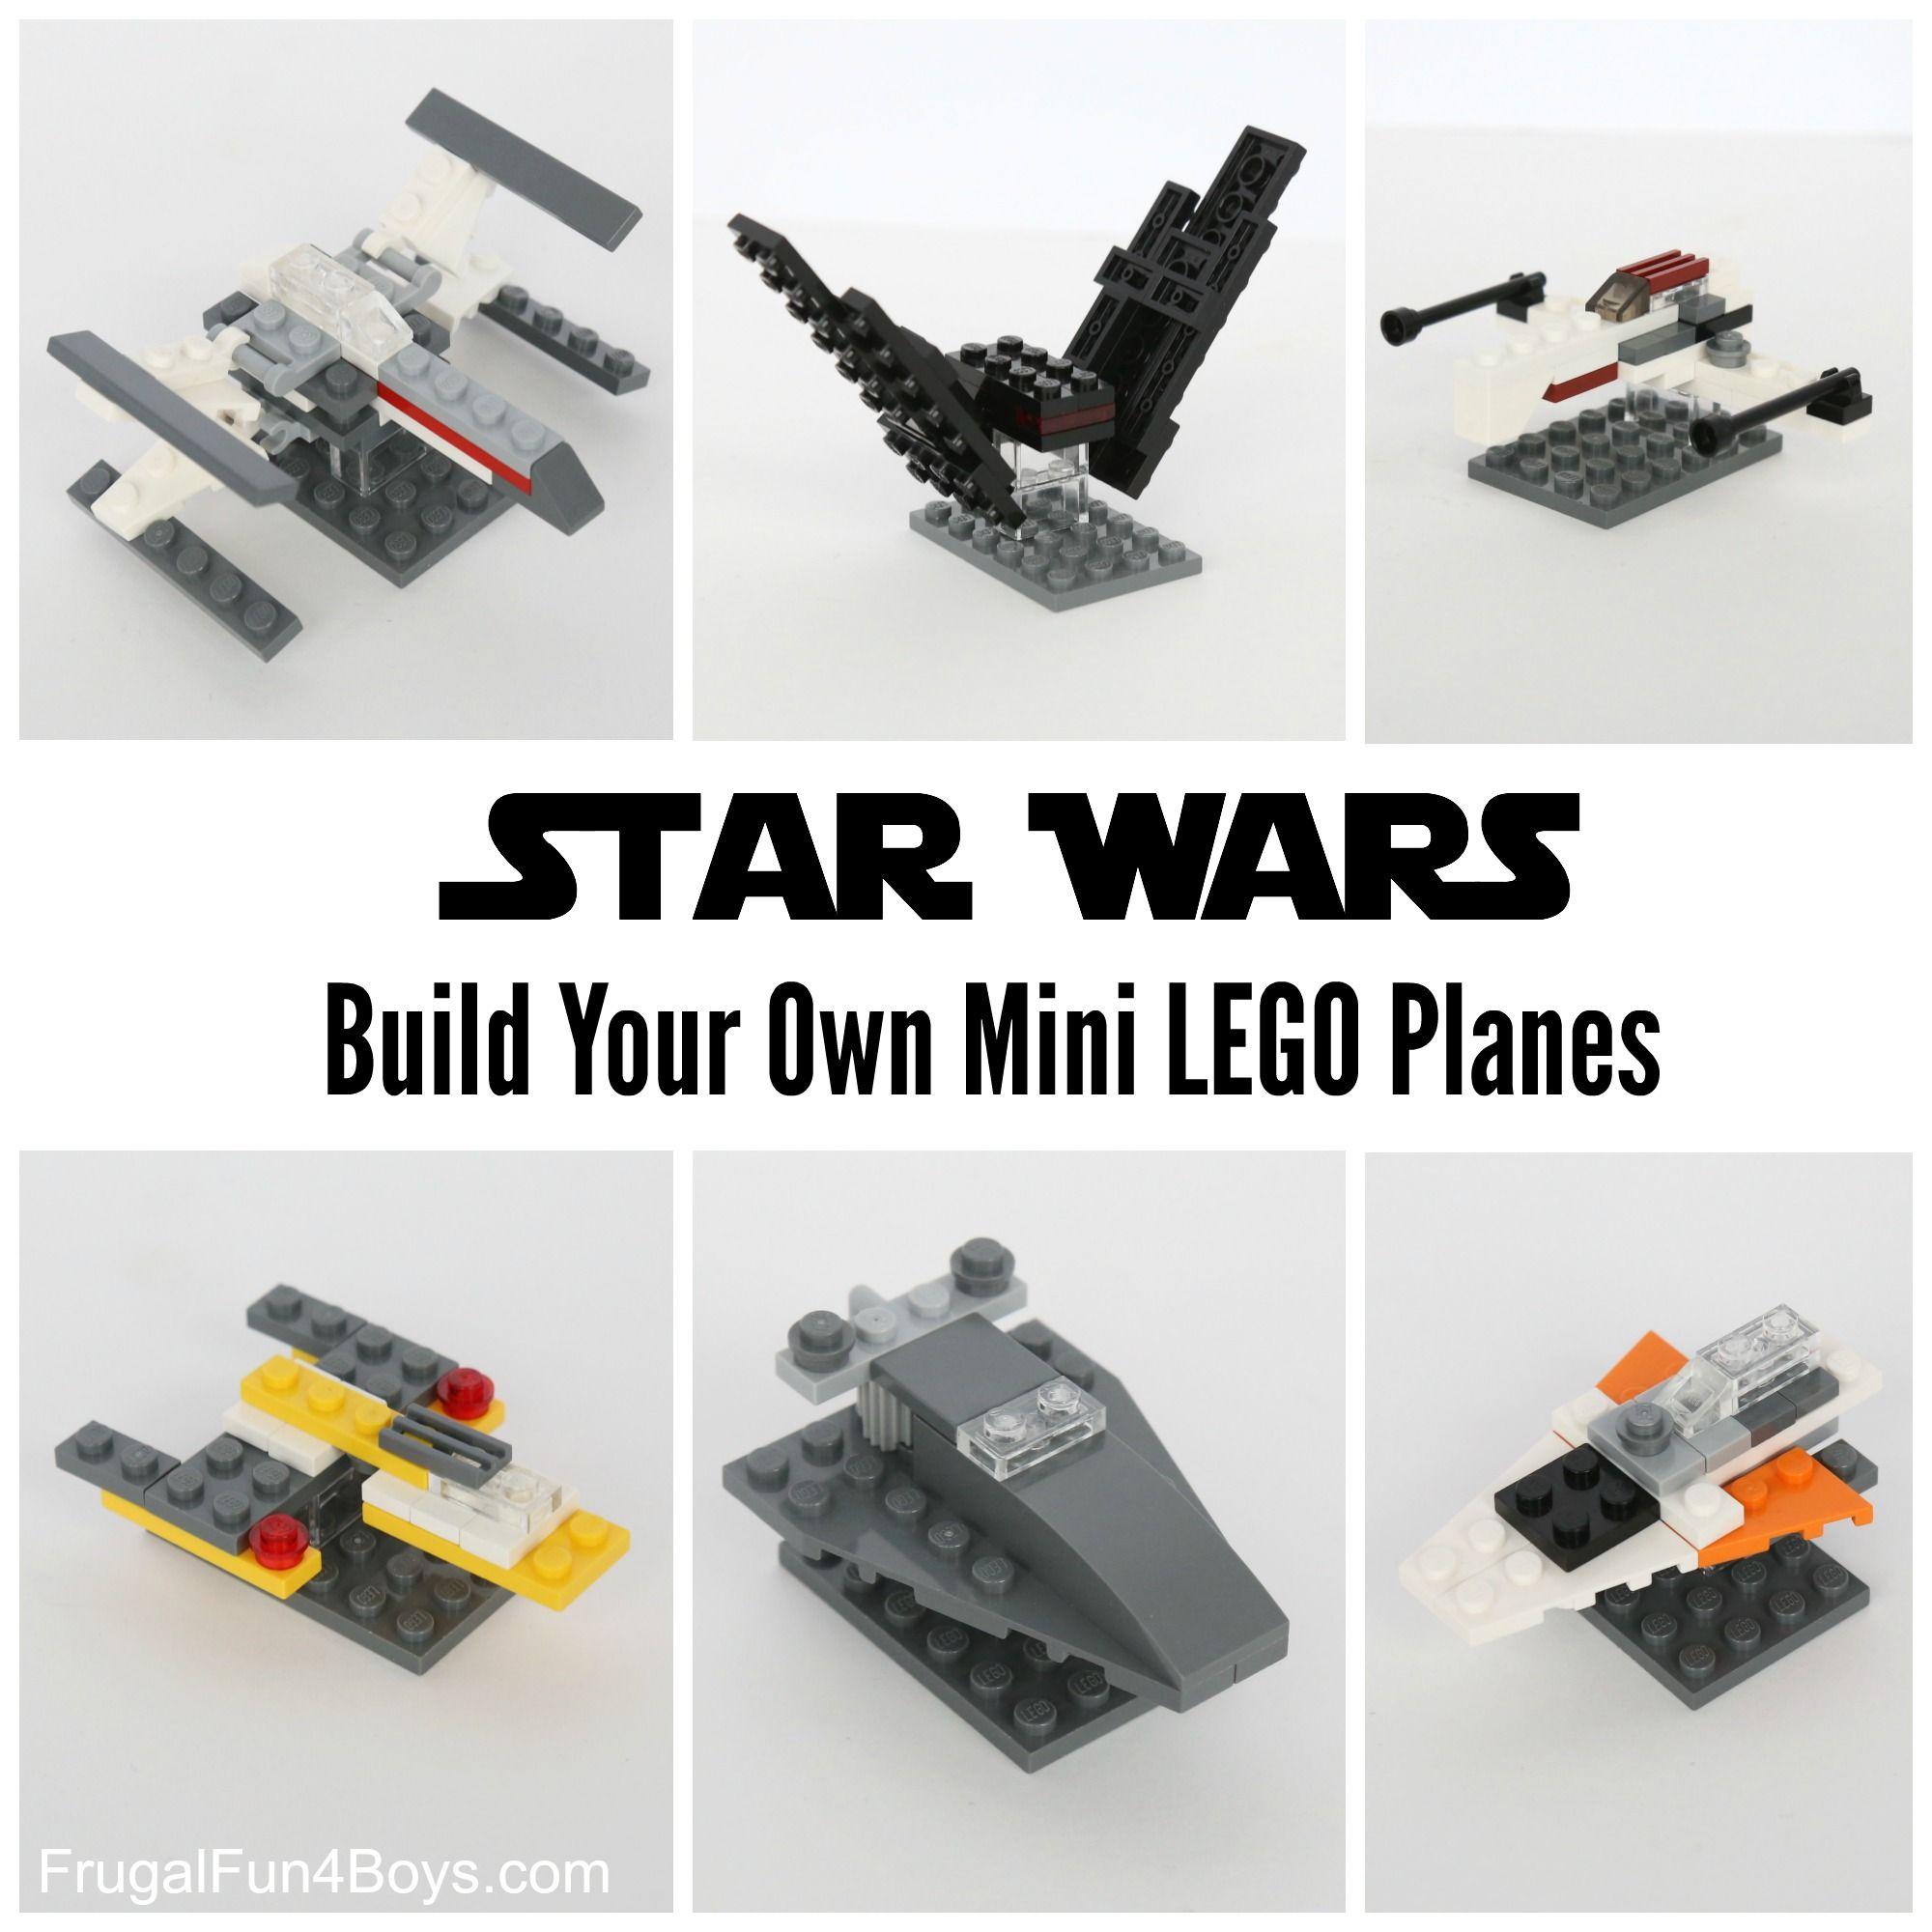 Build Your Own LEGO Mini Star Wars Ships | LEGO | Lego star